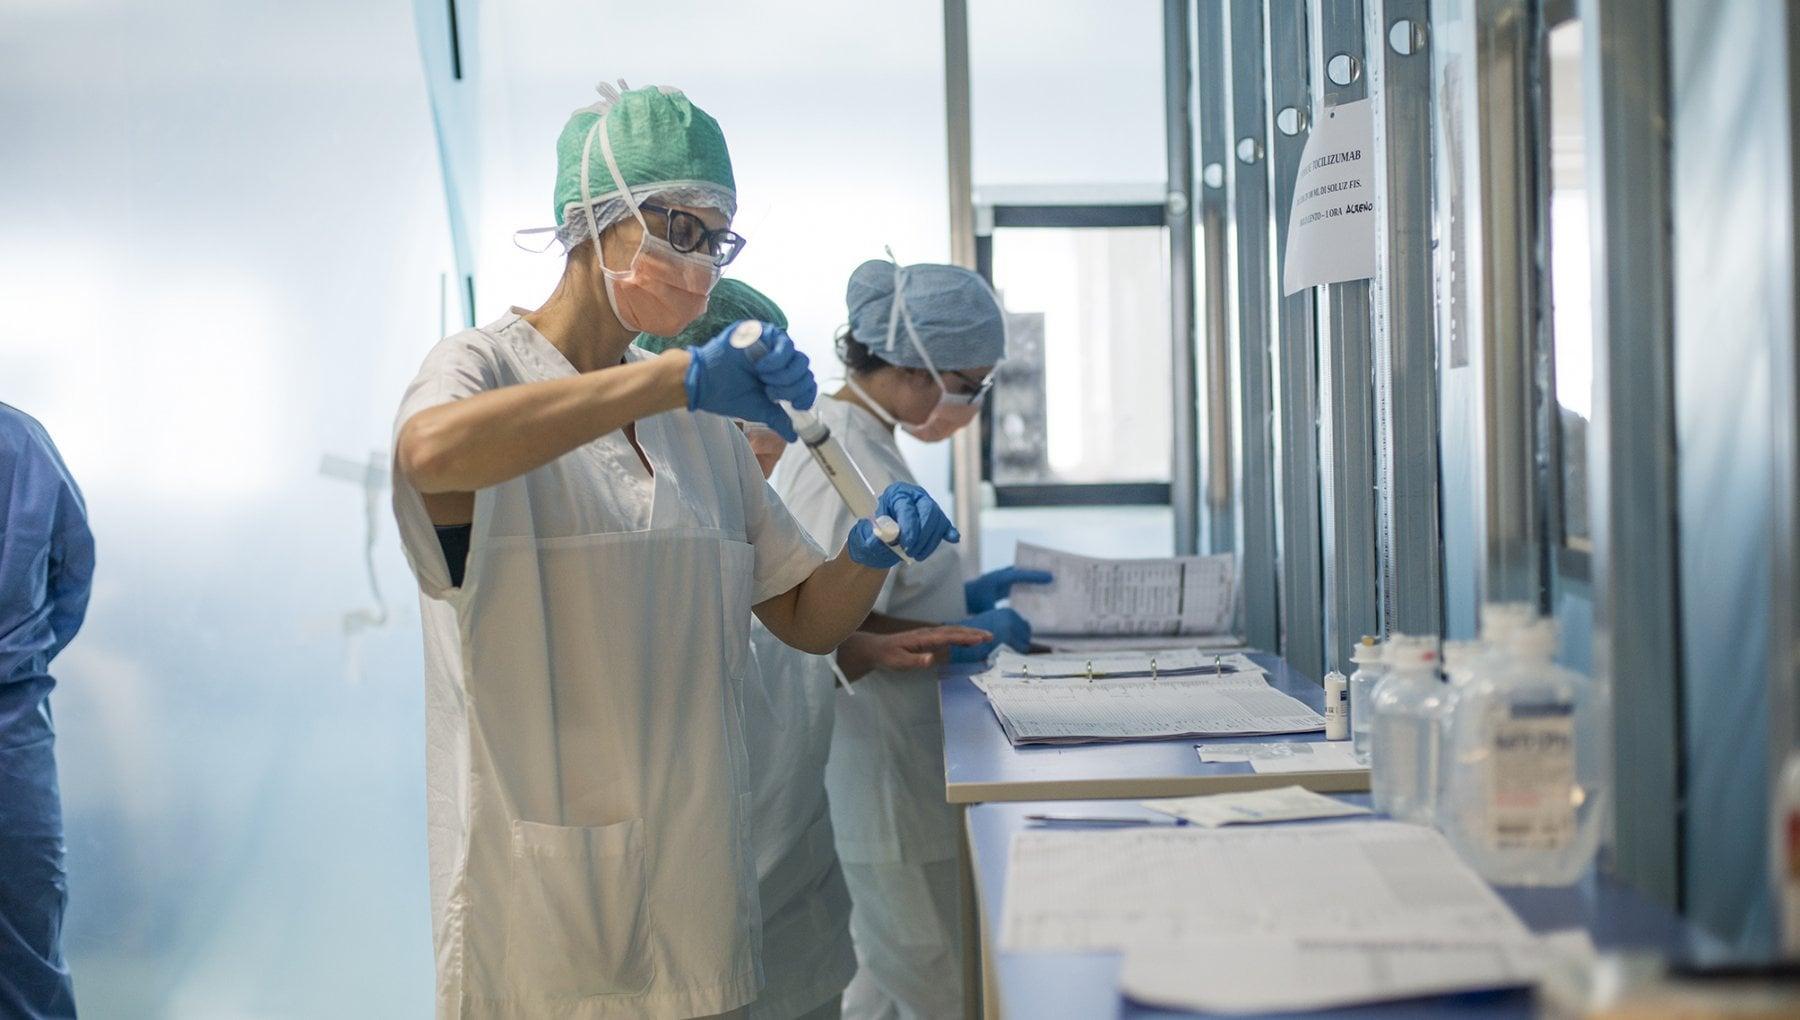 212239305 cf85d605 1004 4320 a5cc 813588a18d1c - Centrale unica anche per i farmaci, il piano segreto Ue contro il virus